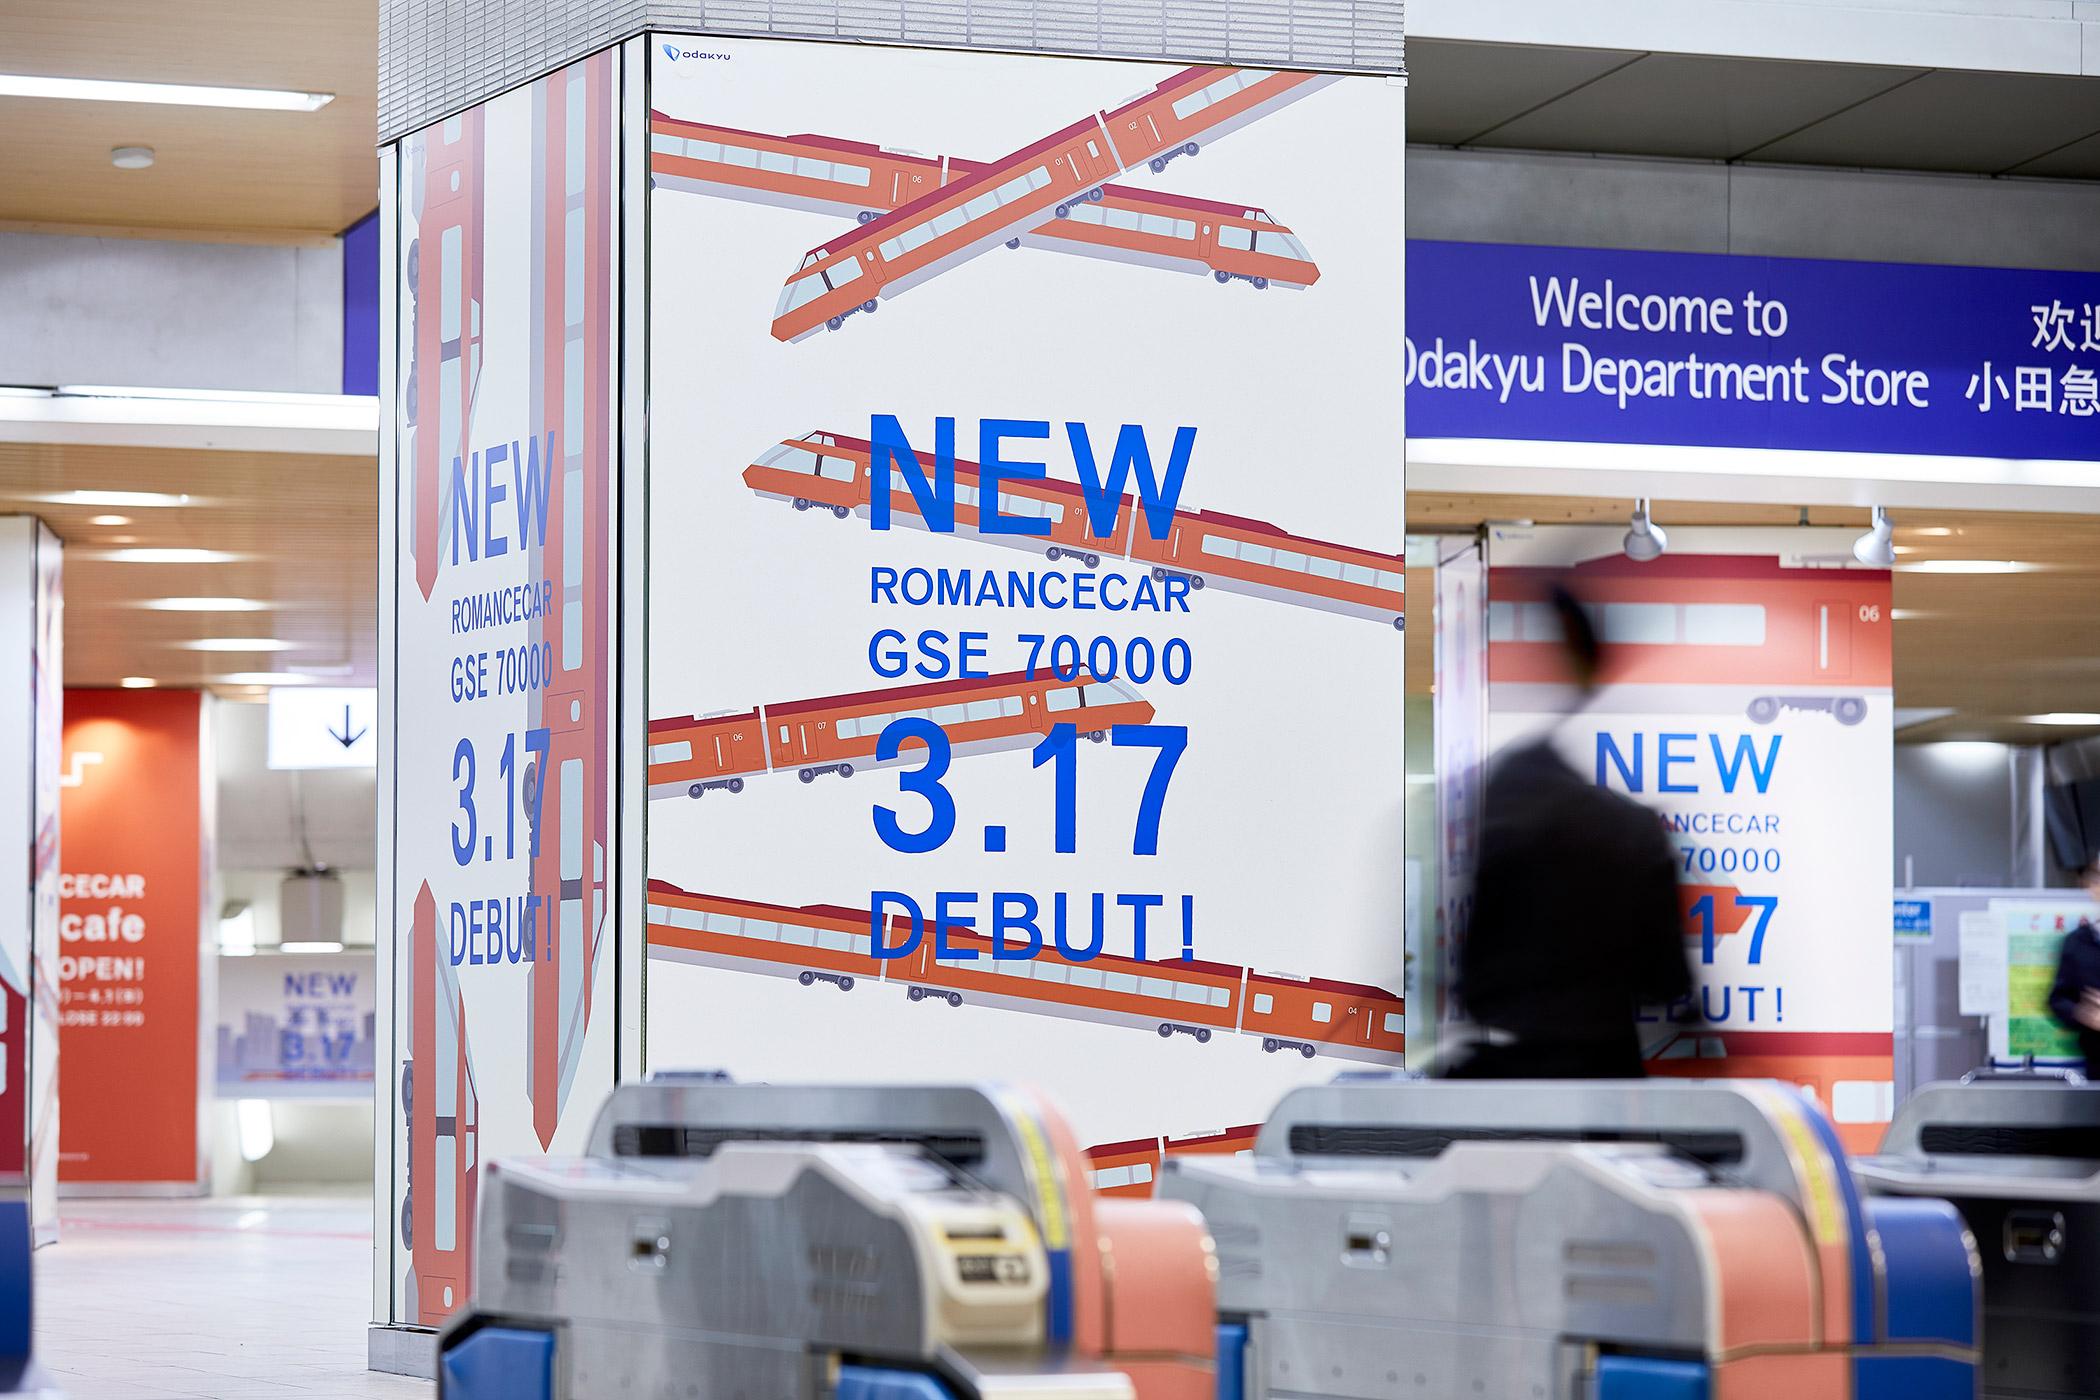 小田急电铁新车上线新宿站站体包装广告 © 6D